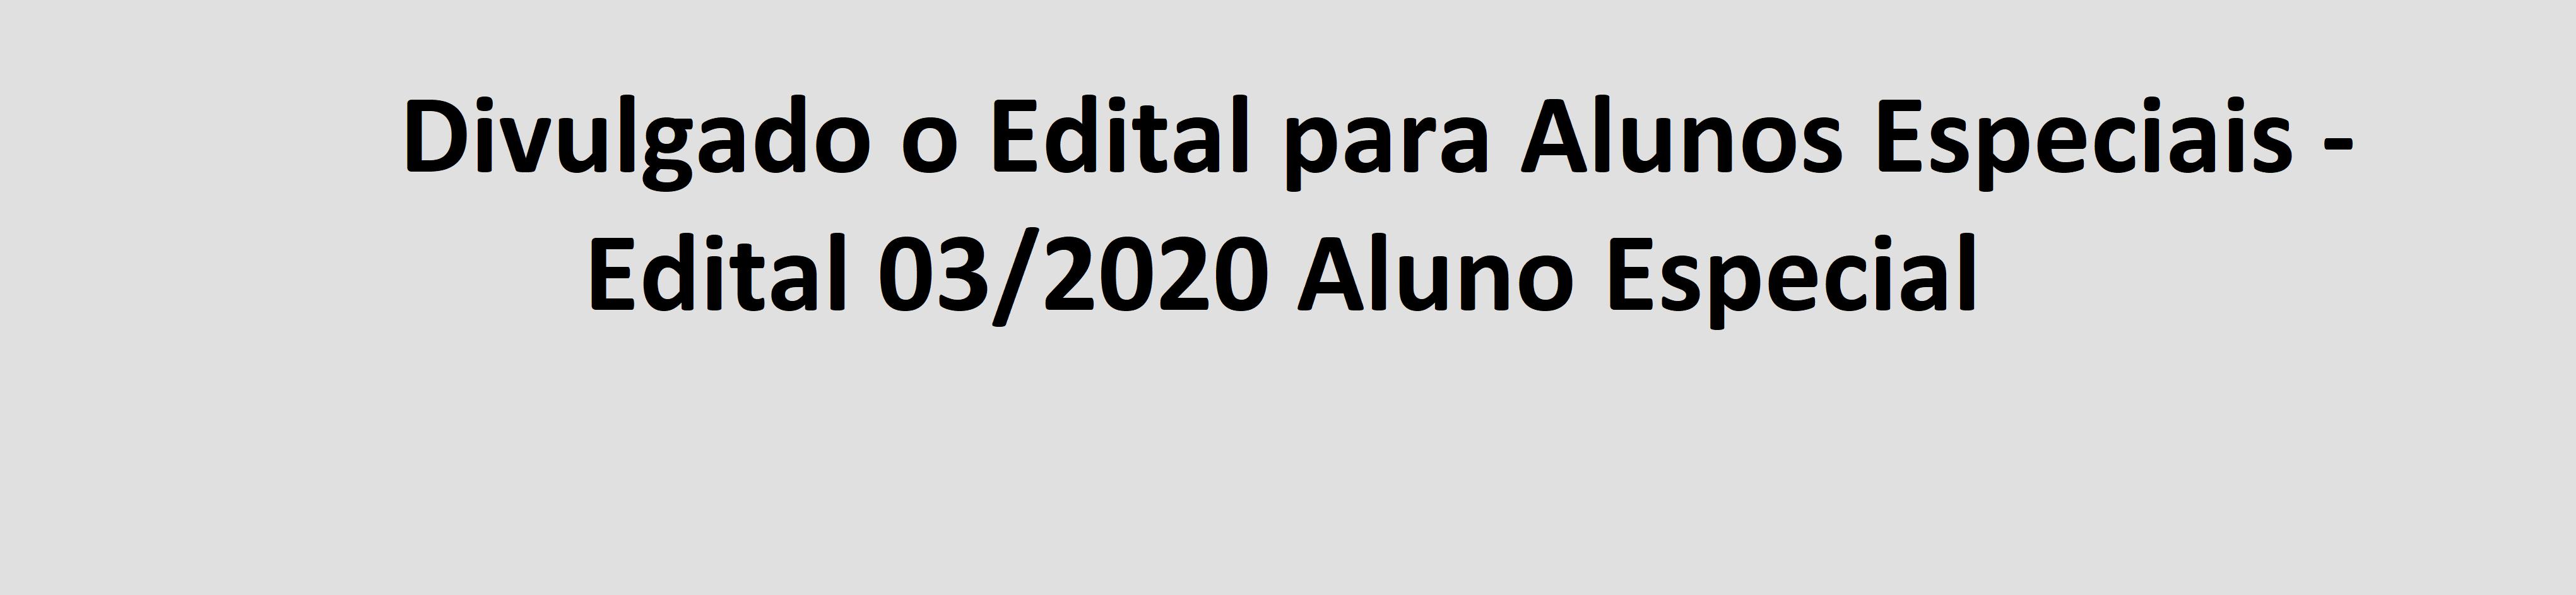 Banner_Alunos_Especiais_2020-3